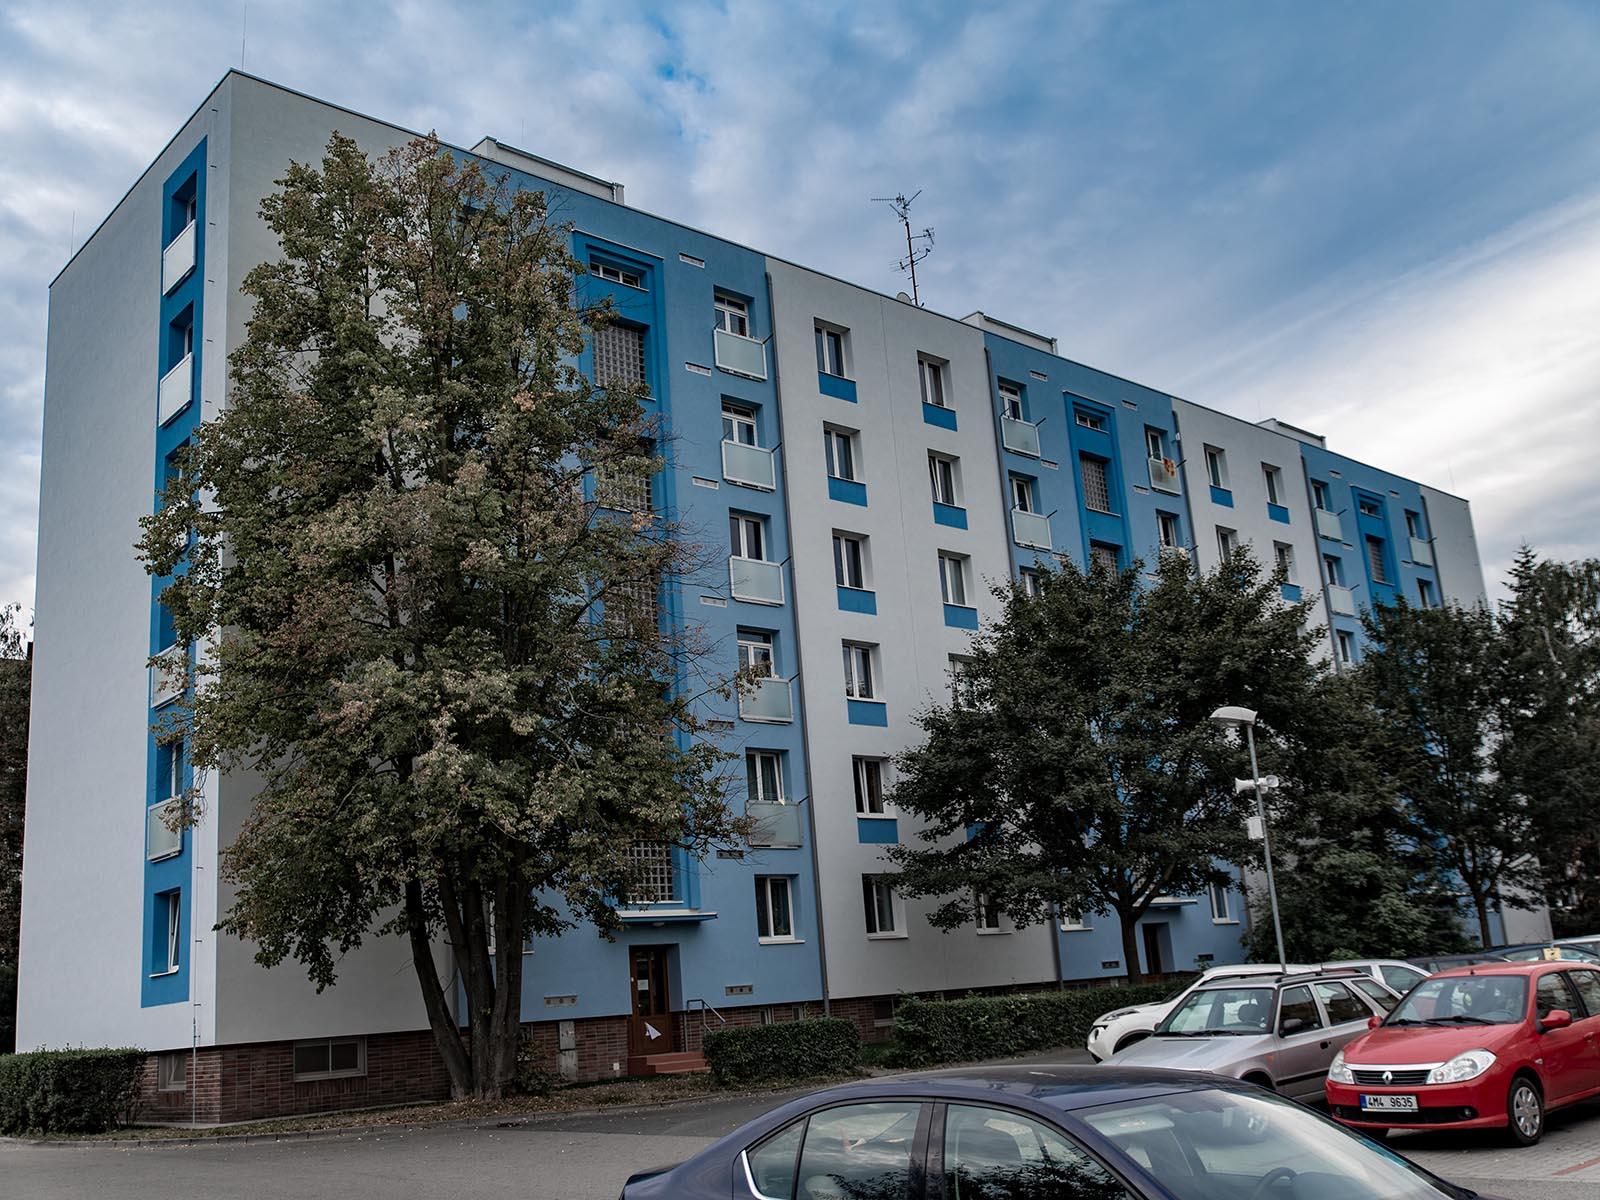 Foerstrova 24, 26, 28 - Olomouc